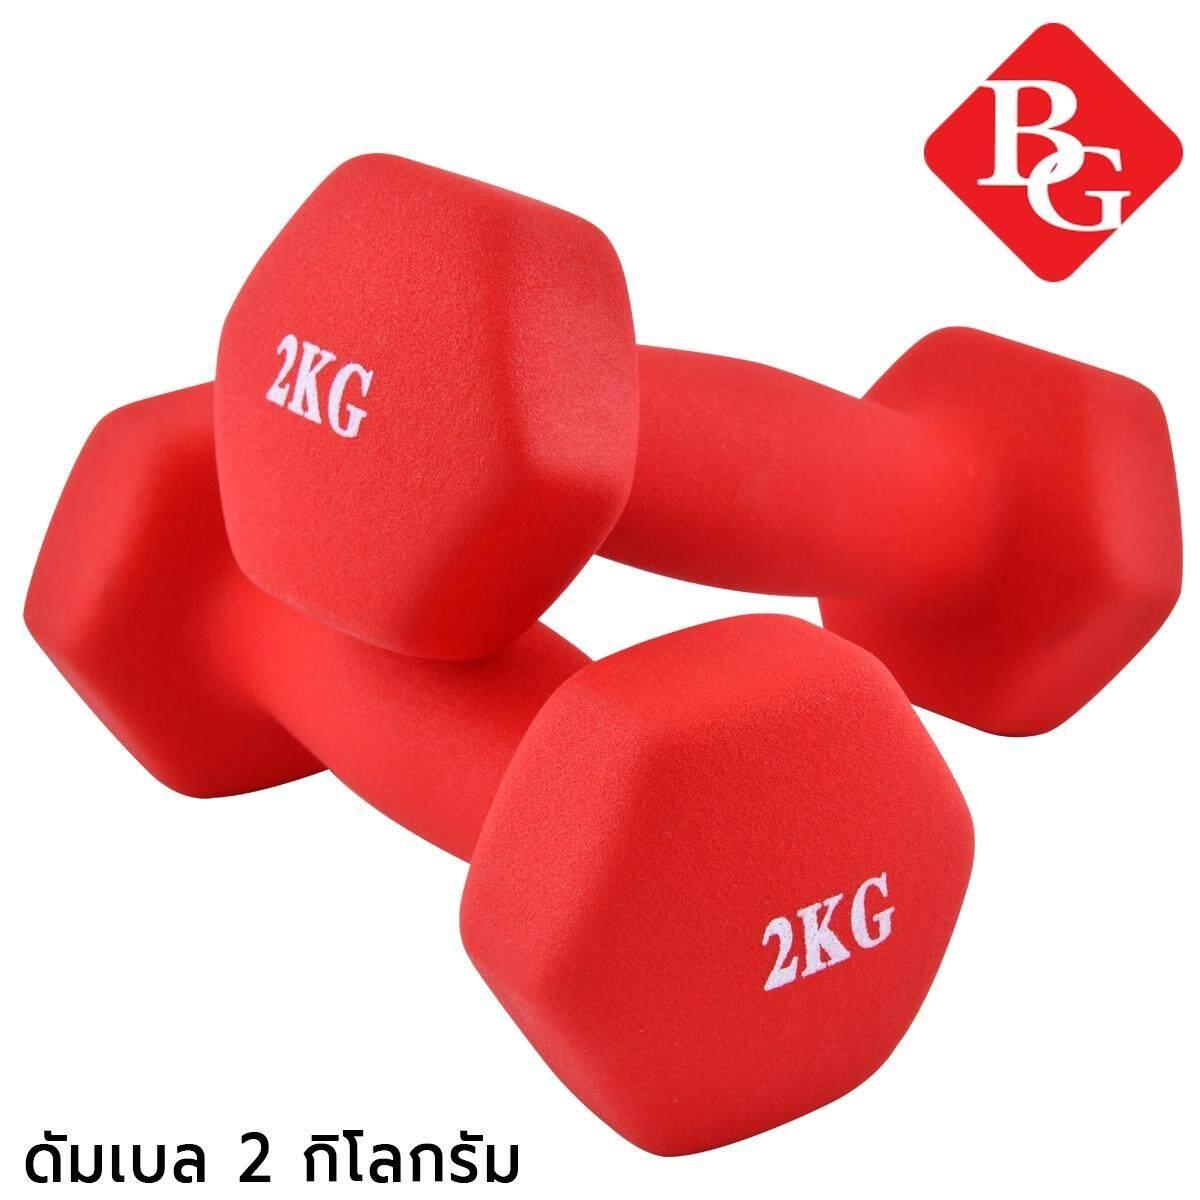 B&g ดัมเบลยาง 2 Kg 2pcs. รุ่น Q304 By B&g.